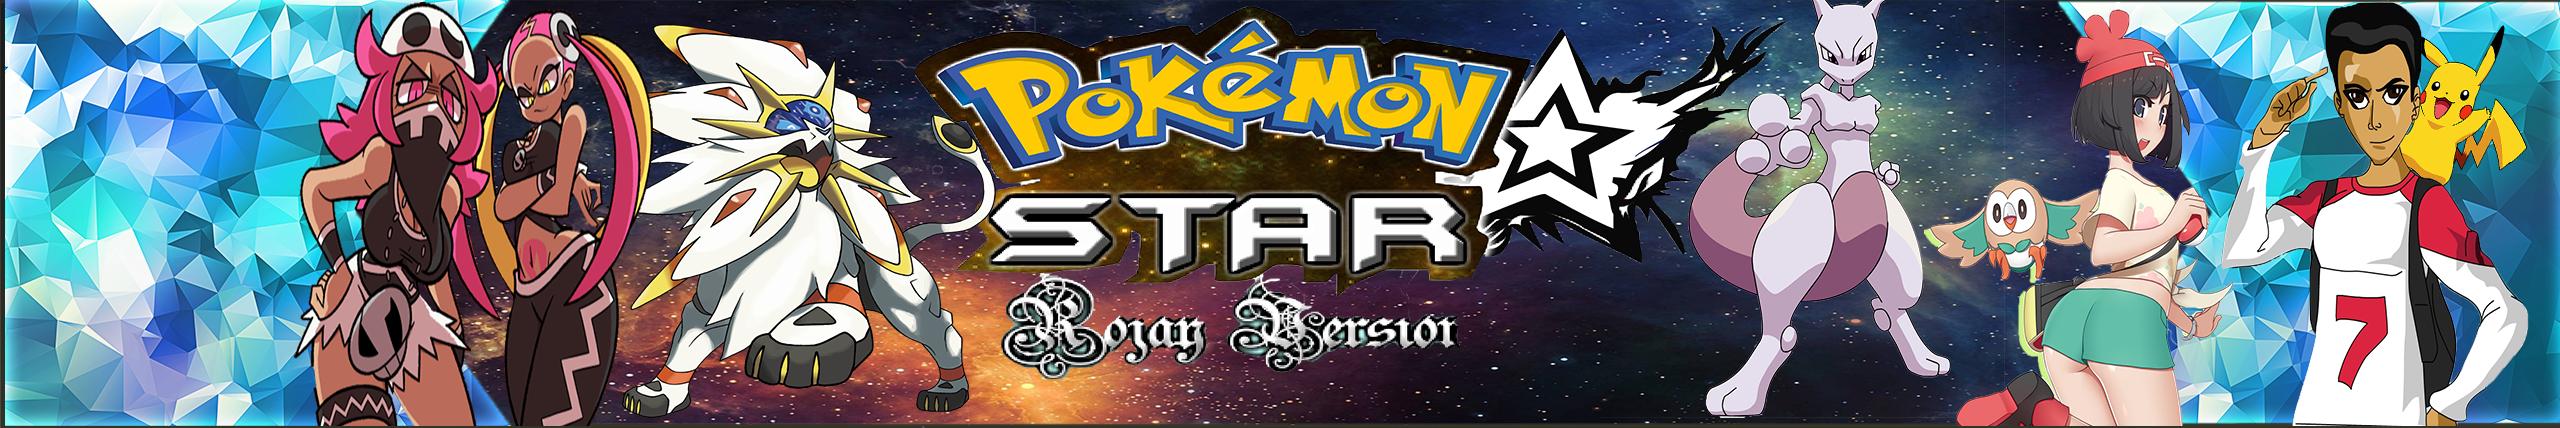 Pokemon Star Utube banner